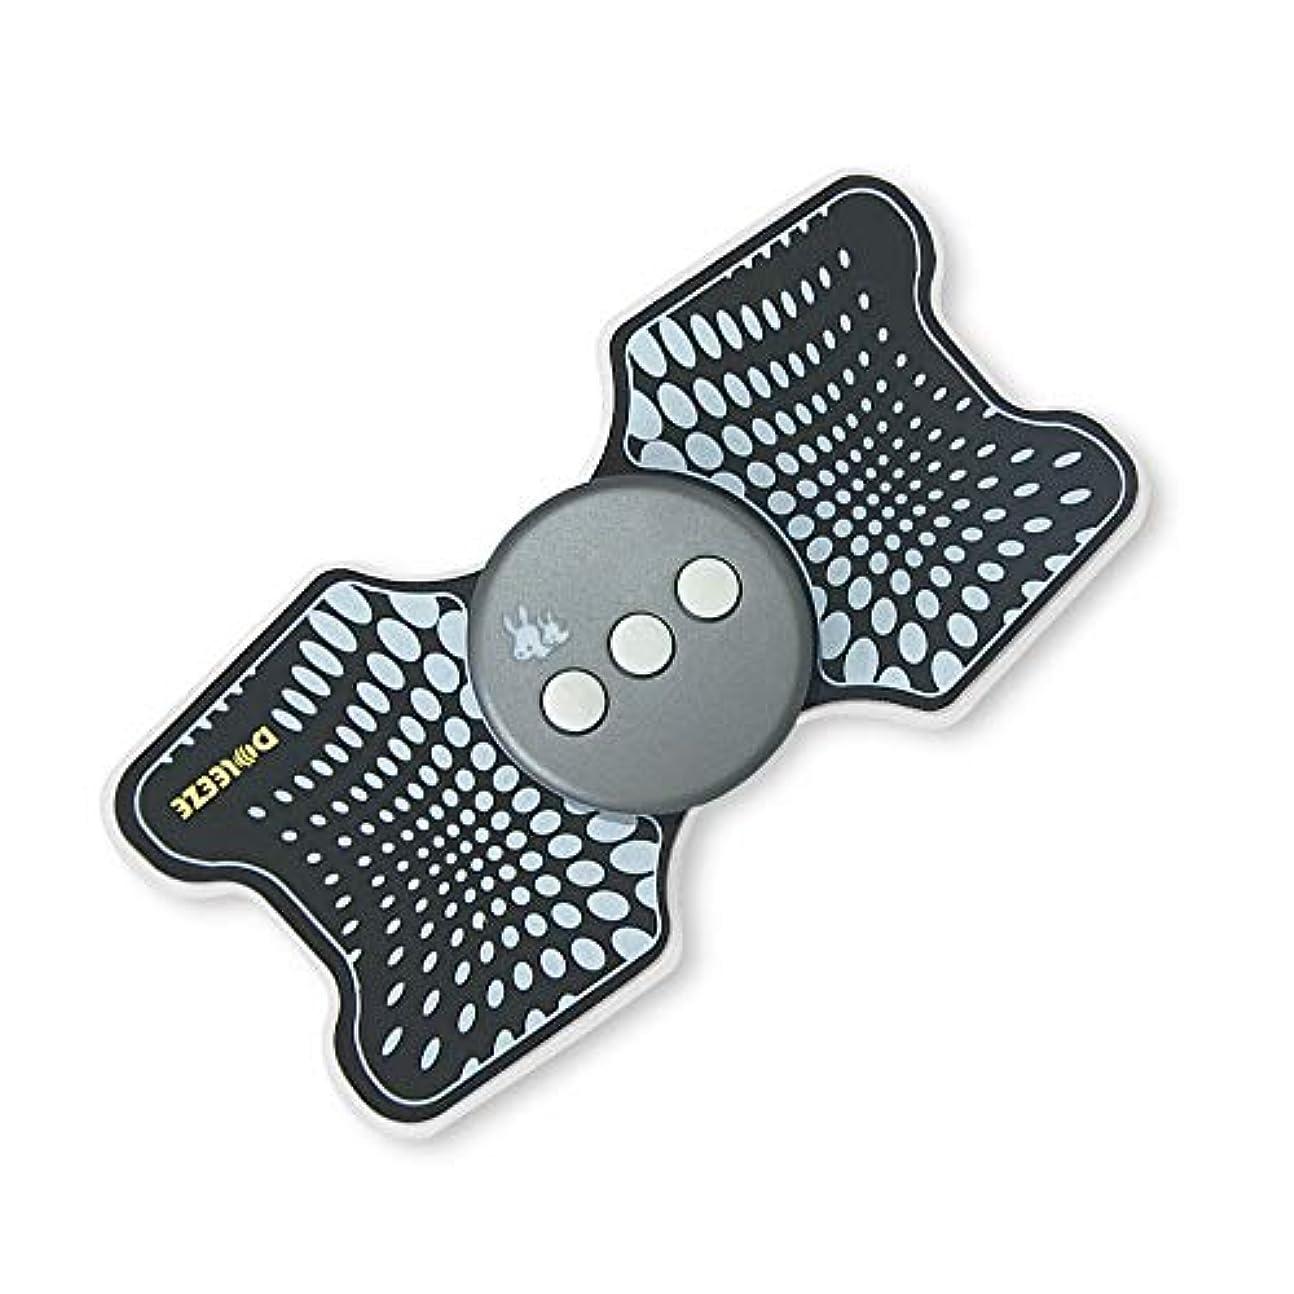 体系的にまろやかな安全なLekocミニマッサージャー 低周波治療器 9モード 十段階調整 USB充電式 筋肉 背中 足 子牛手 首 肩 腰 腹 全身用 軽量 携帯便利 家庭用 運動用 (ブラック)